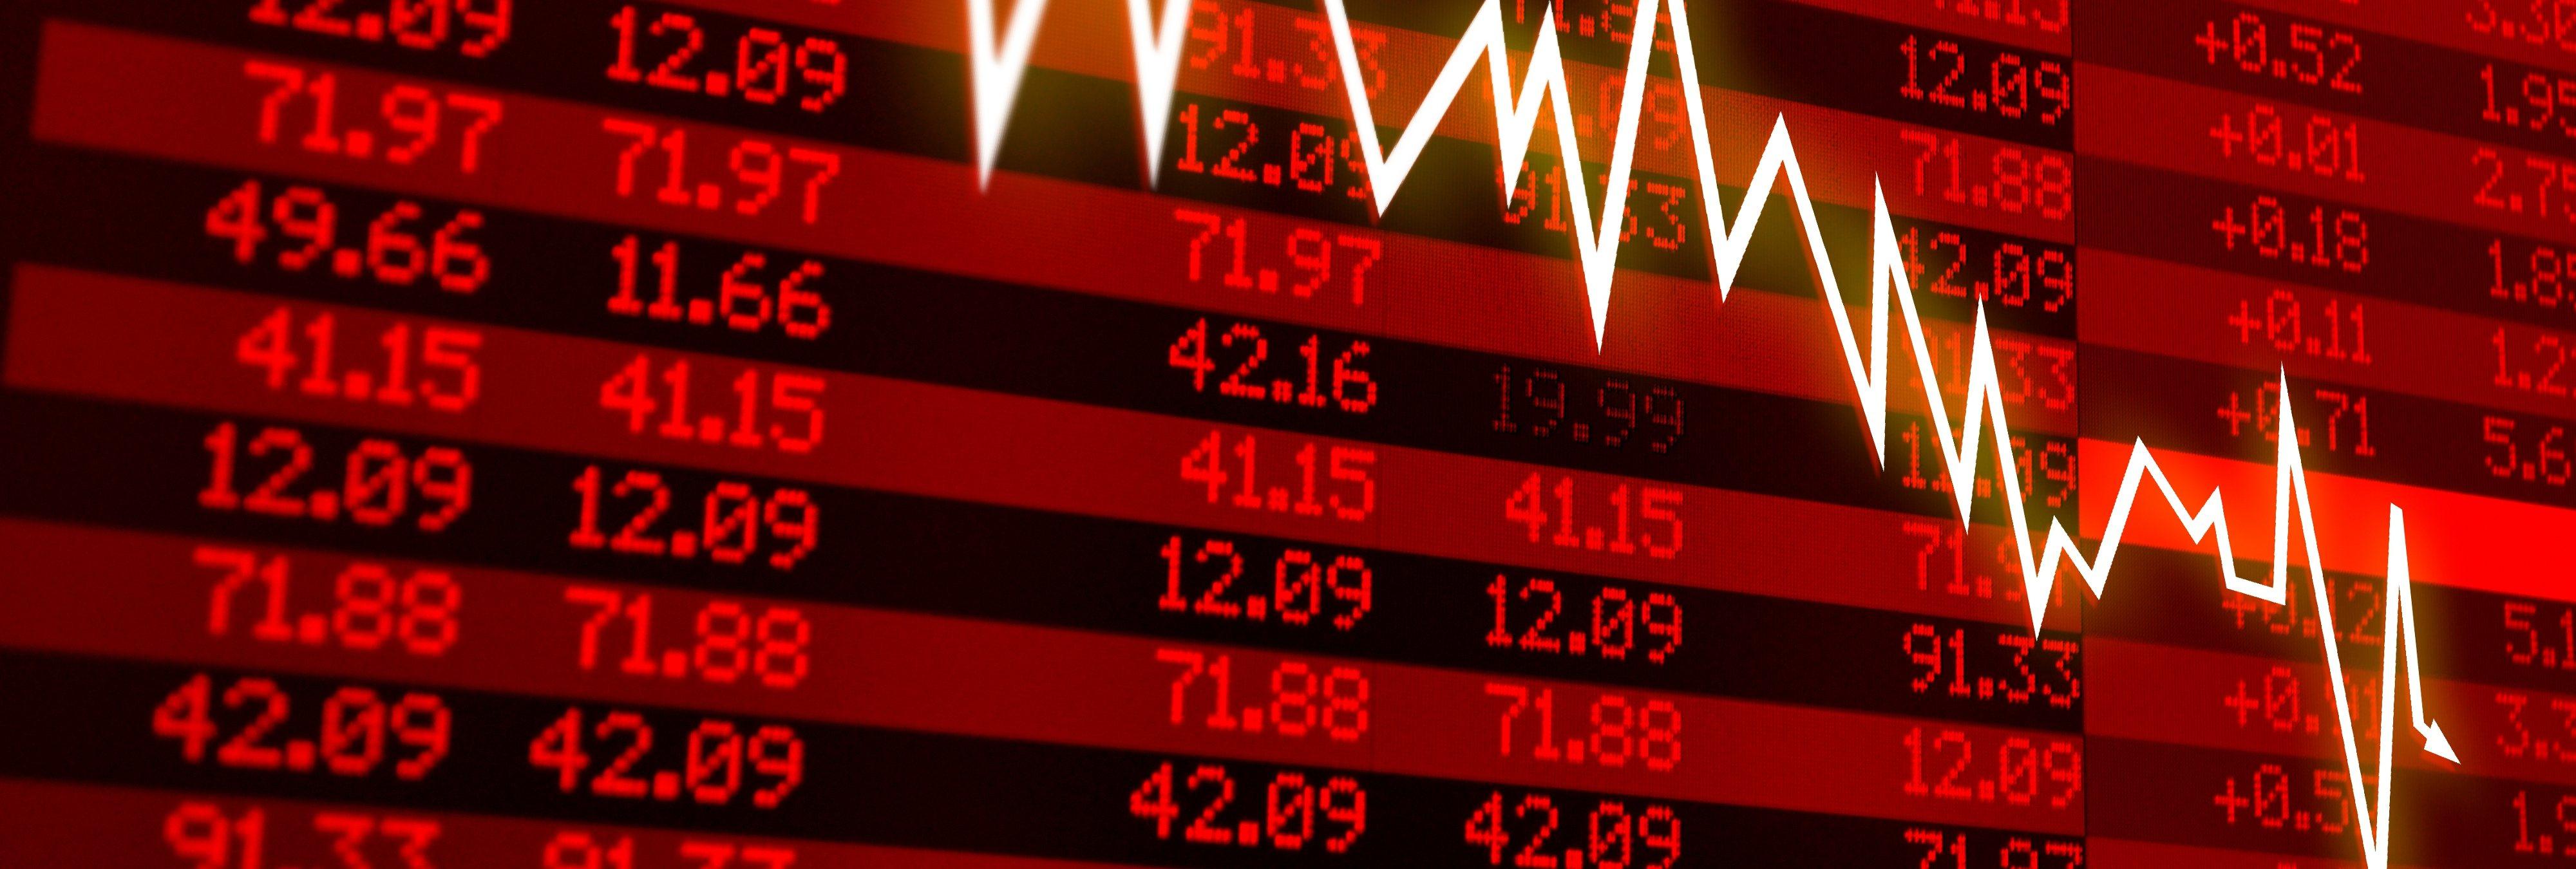 La siguiente crisis será peor que la de 2008 y nos estamos acercando, según los expertos